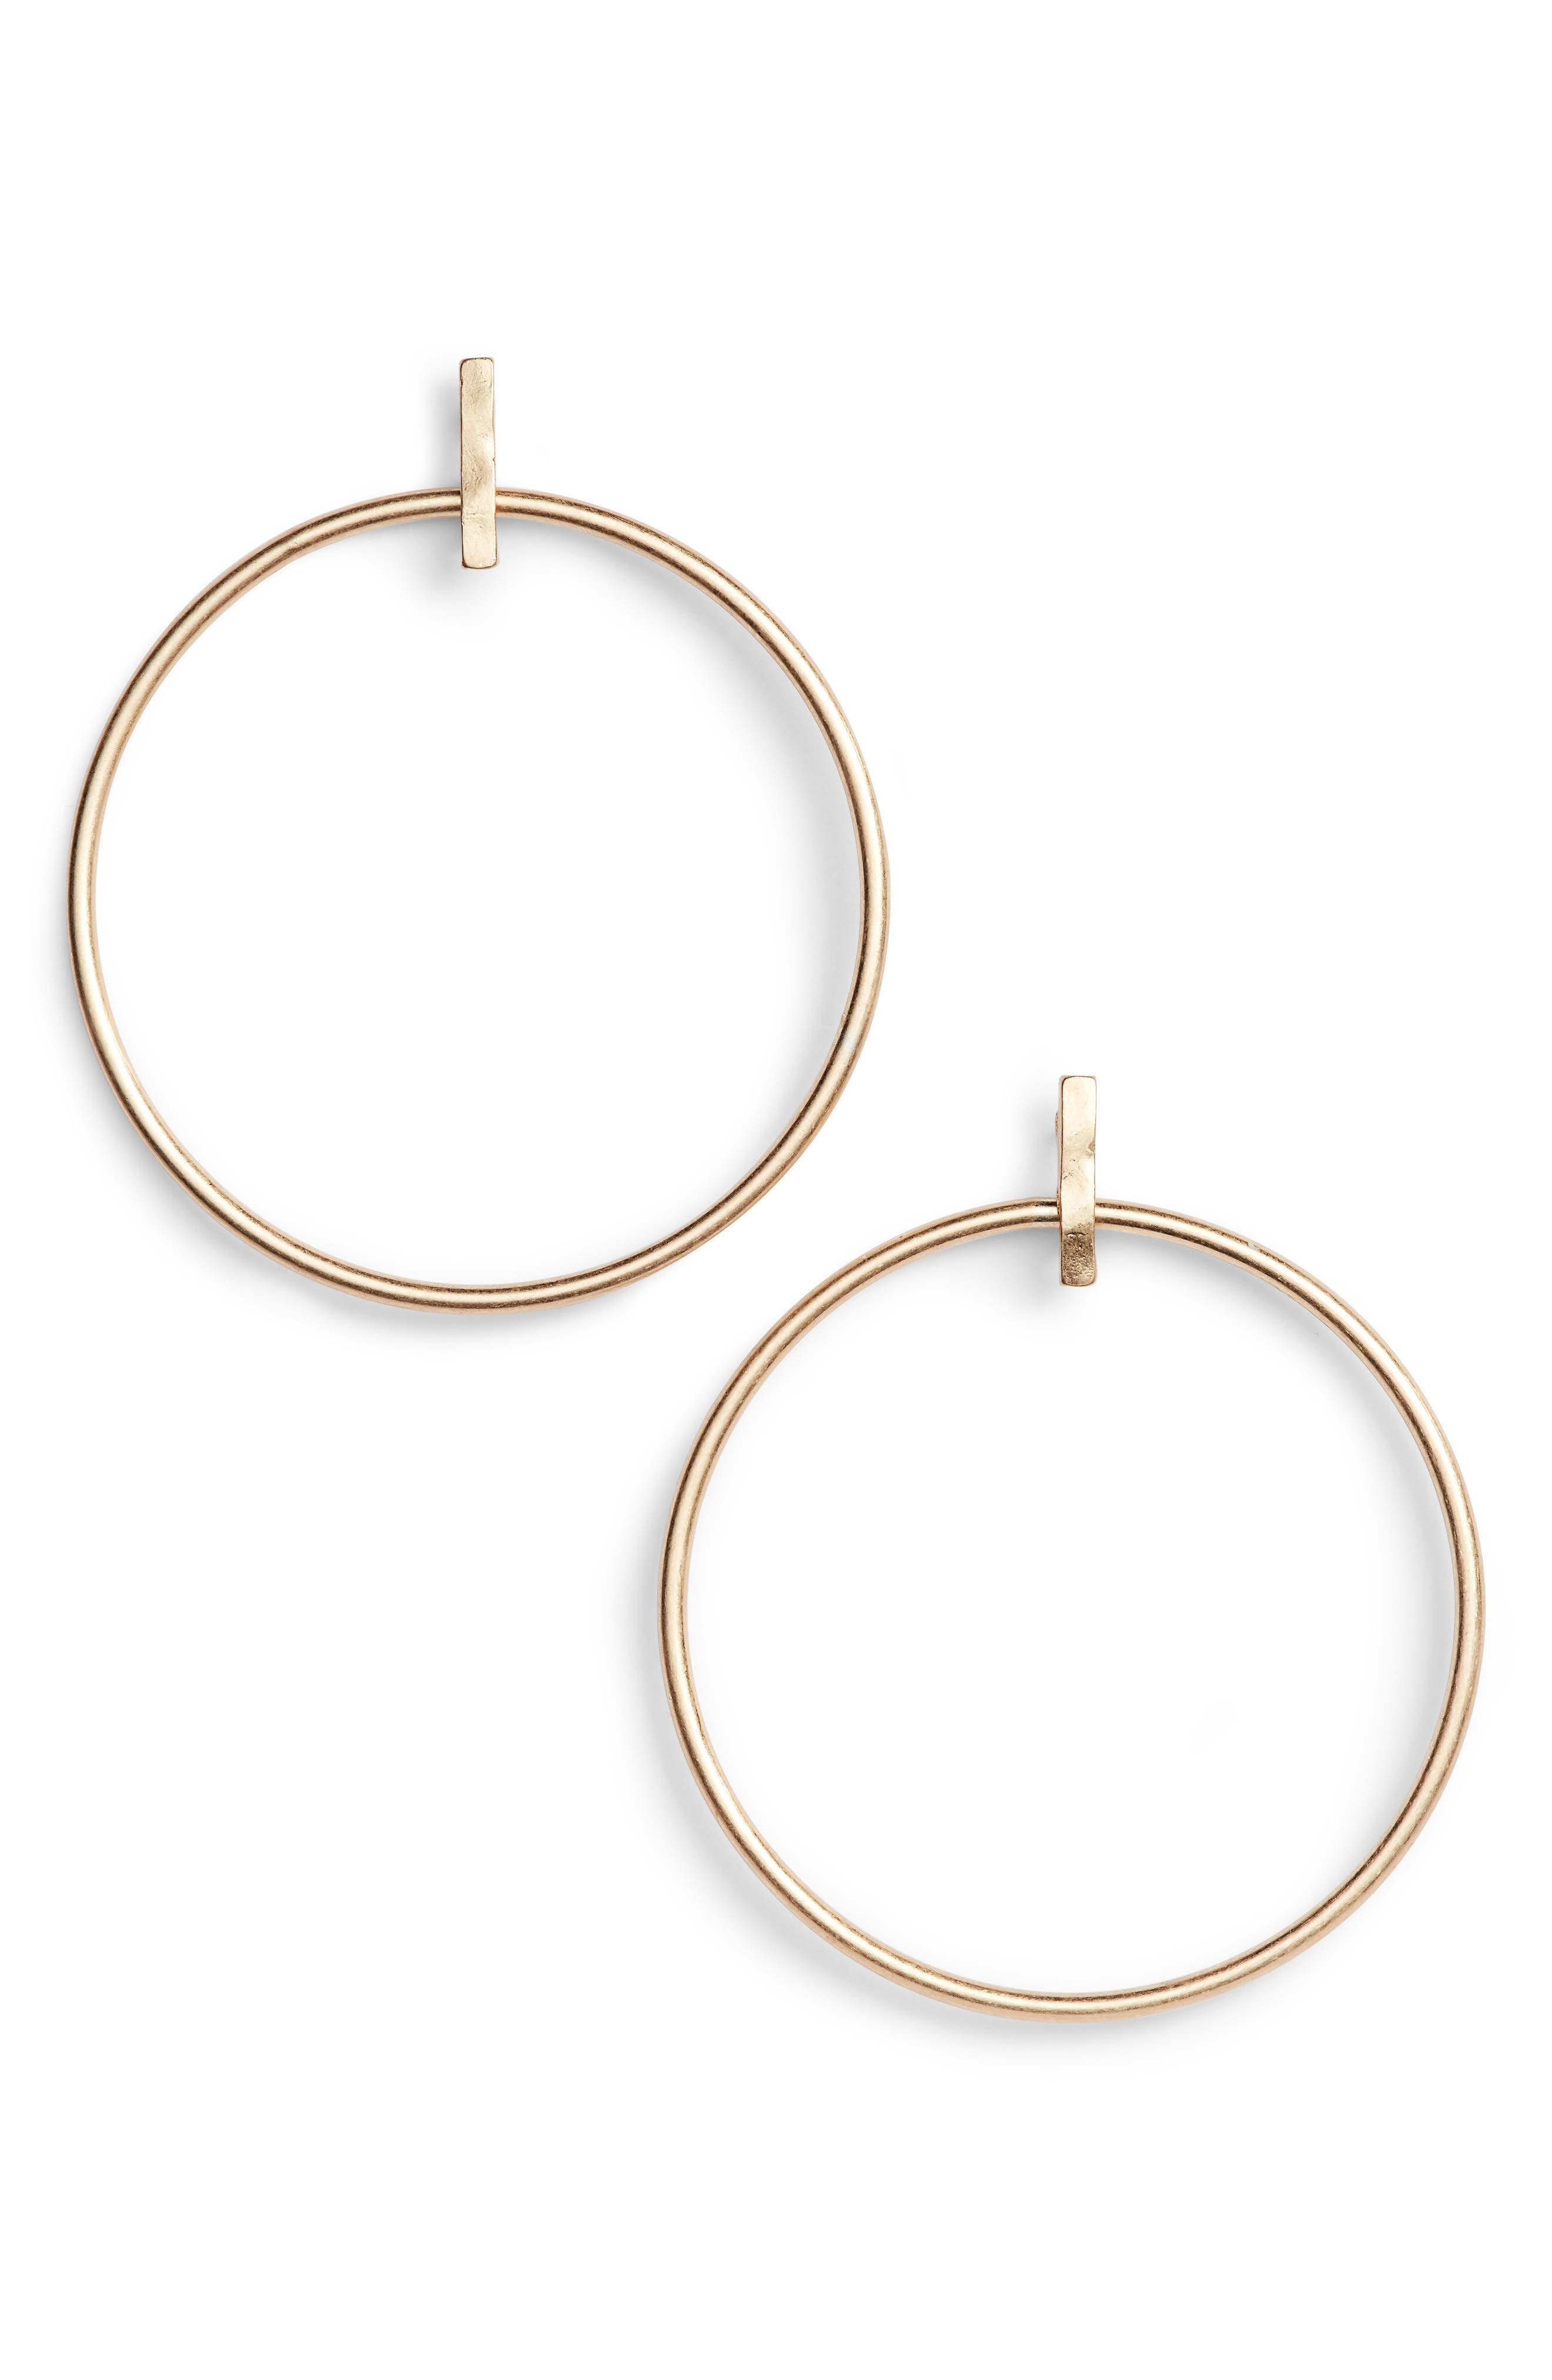 Alternate Image 1 Selected - Treasure & Bond Bar & Hoop Earrings